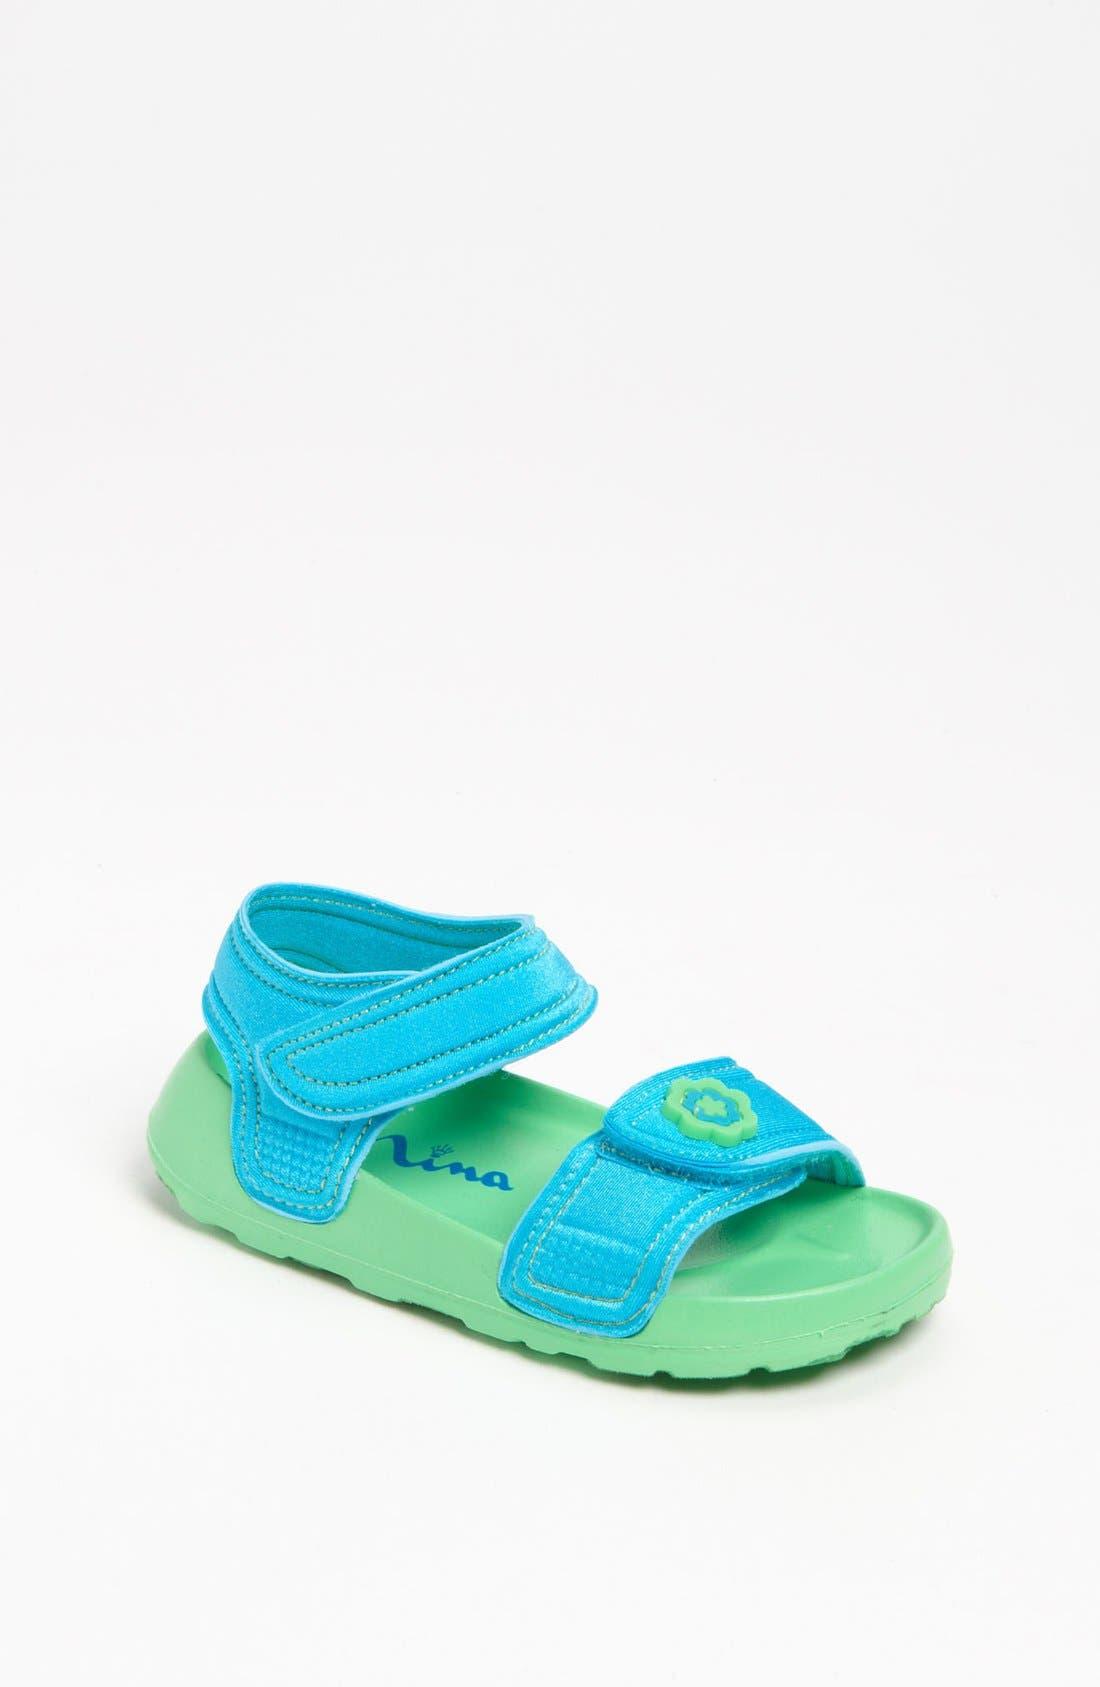 Alternate Image 1 Selected - Nina 'Delite2' Neoprene Sandal (Walker & Toddler)